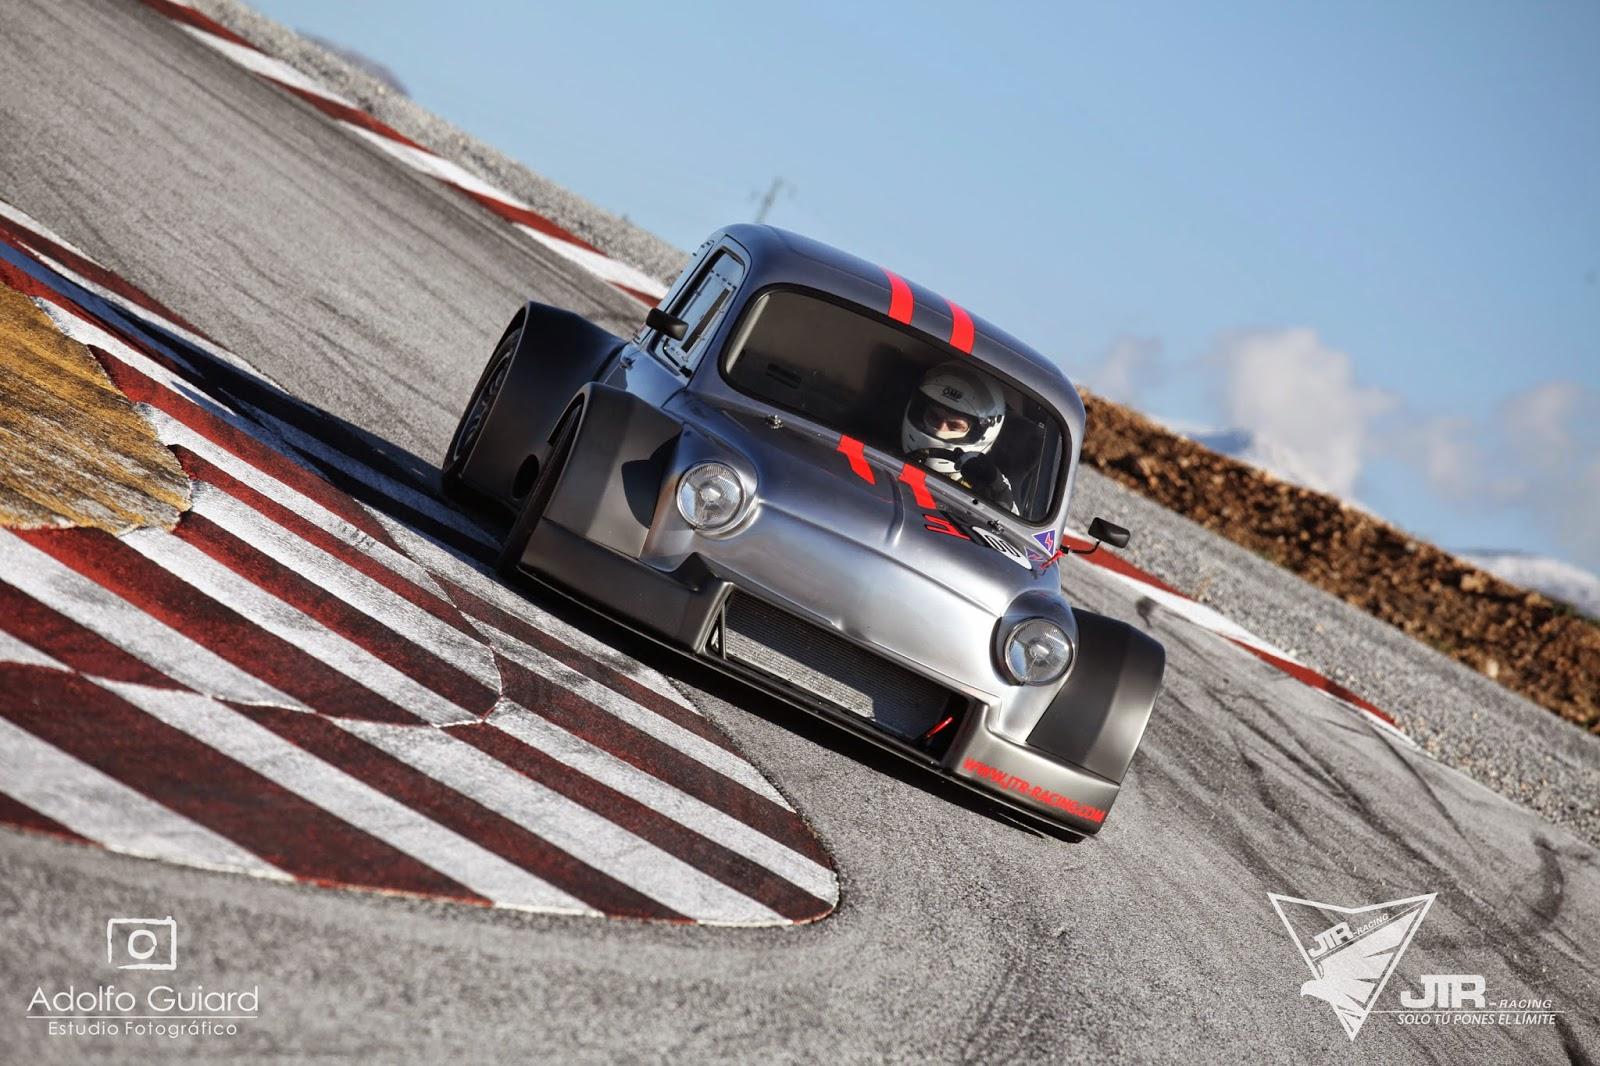 Circuito Guadix : Renault clio rs prueba en el circuito de guadix reinventando al